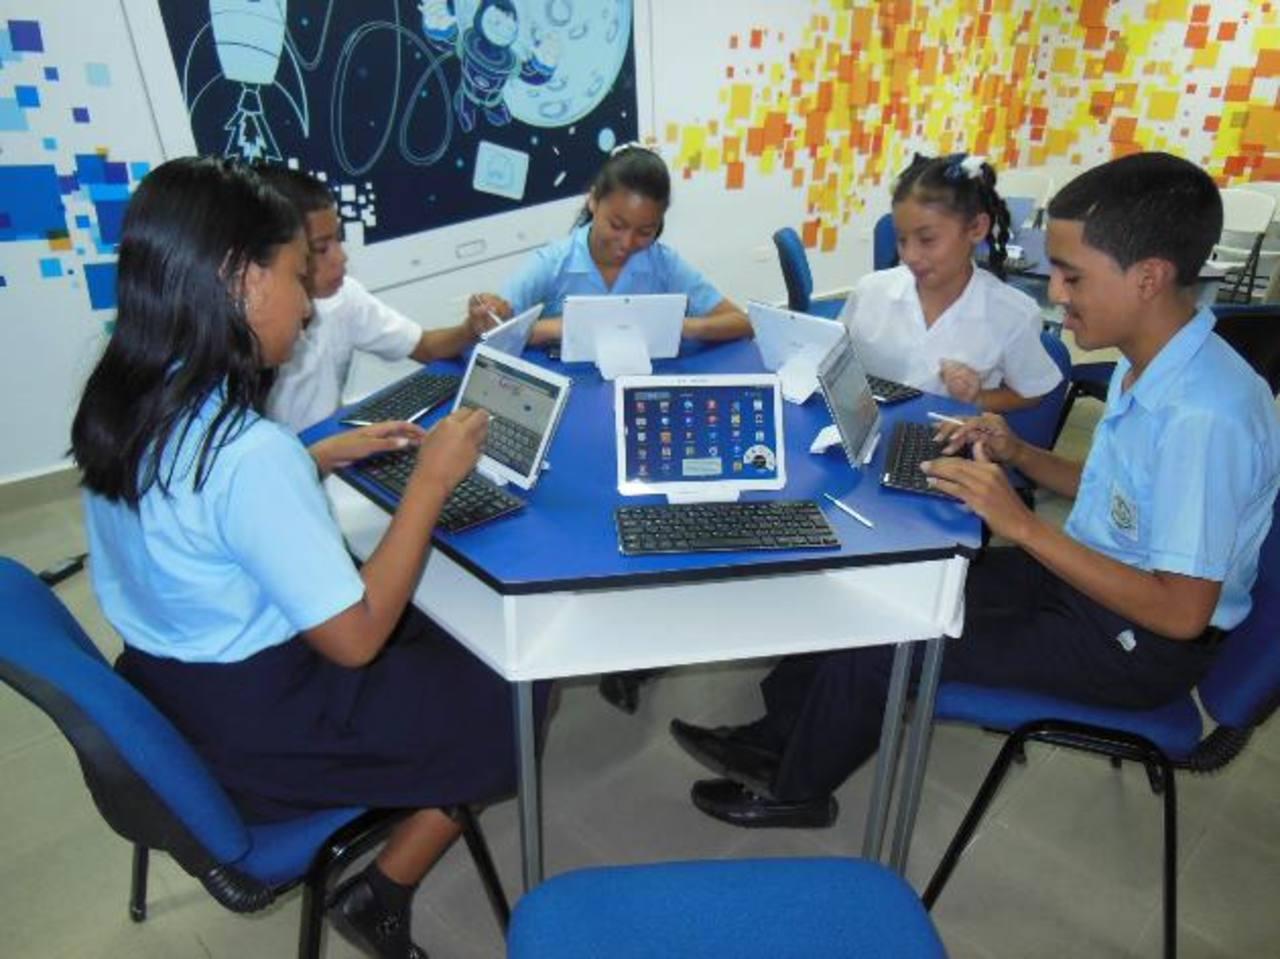 Alumnos de una escuela en Panamá estudian en el salón especial equipado con tabletas Samsung y ambientado por esa empresa. Foto de Expansión/Cortesía de Glasswing.